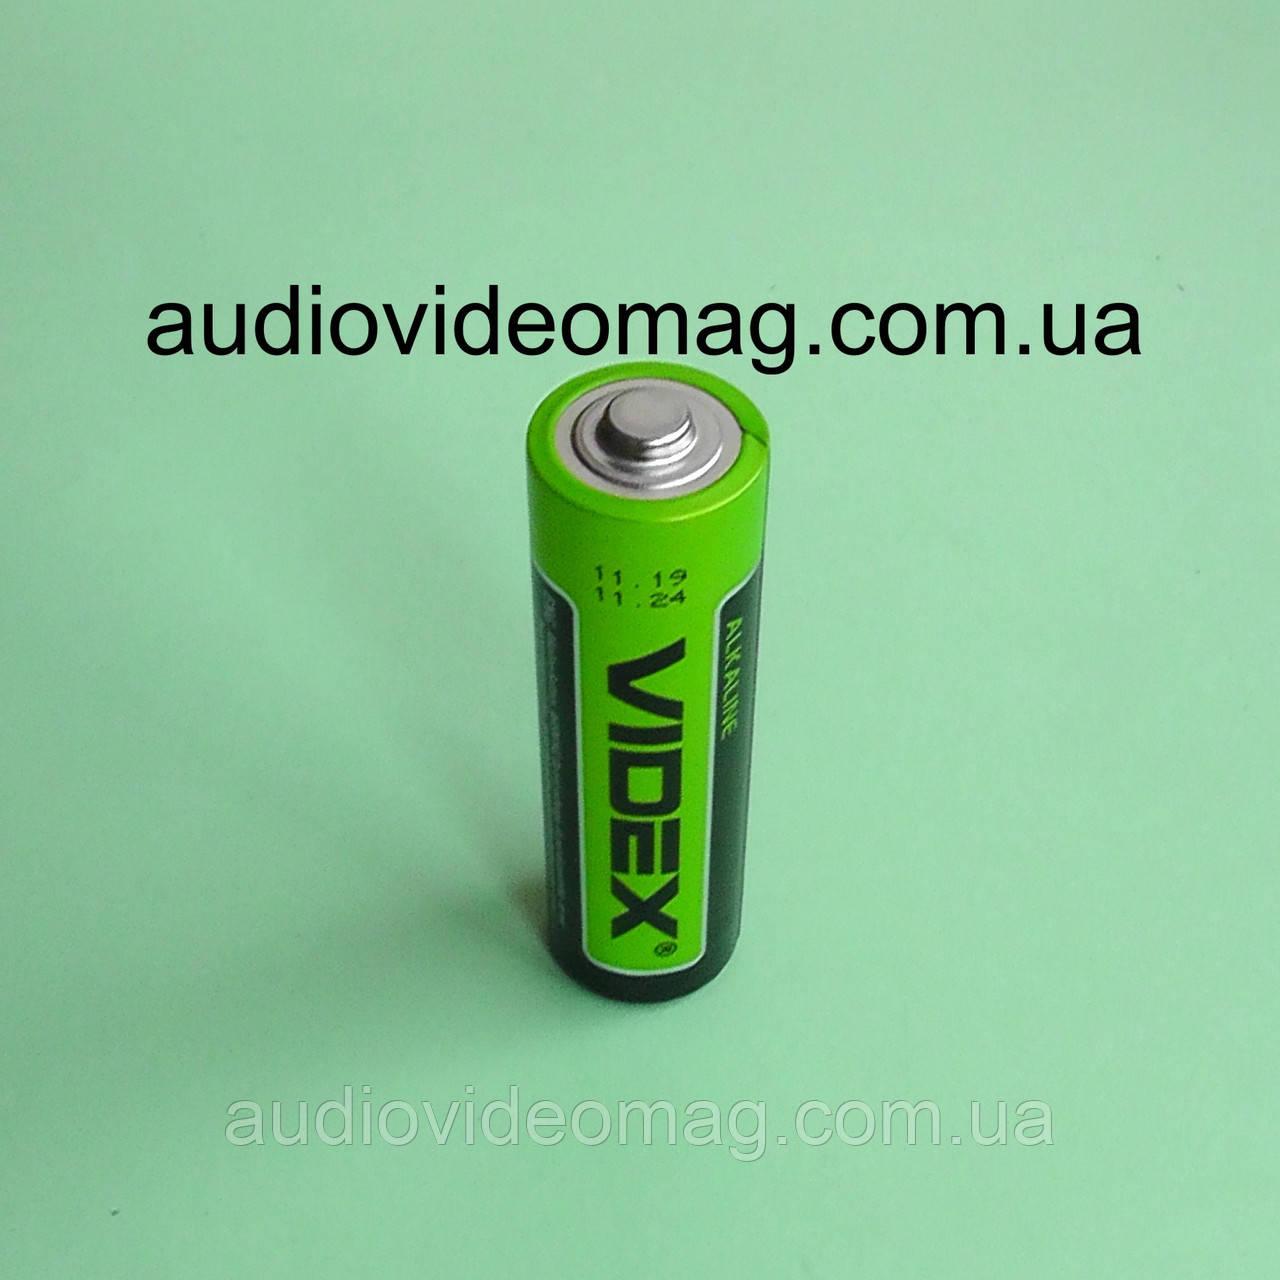 Батарейка VIDEX LR6 АА 1.5V щелочная Alkaline пальчиковая